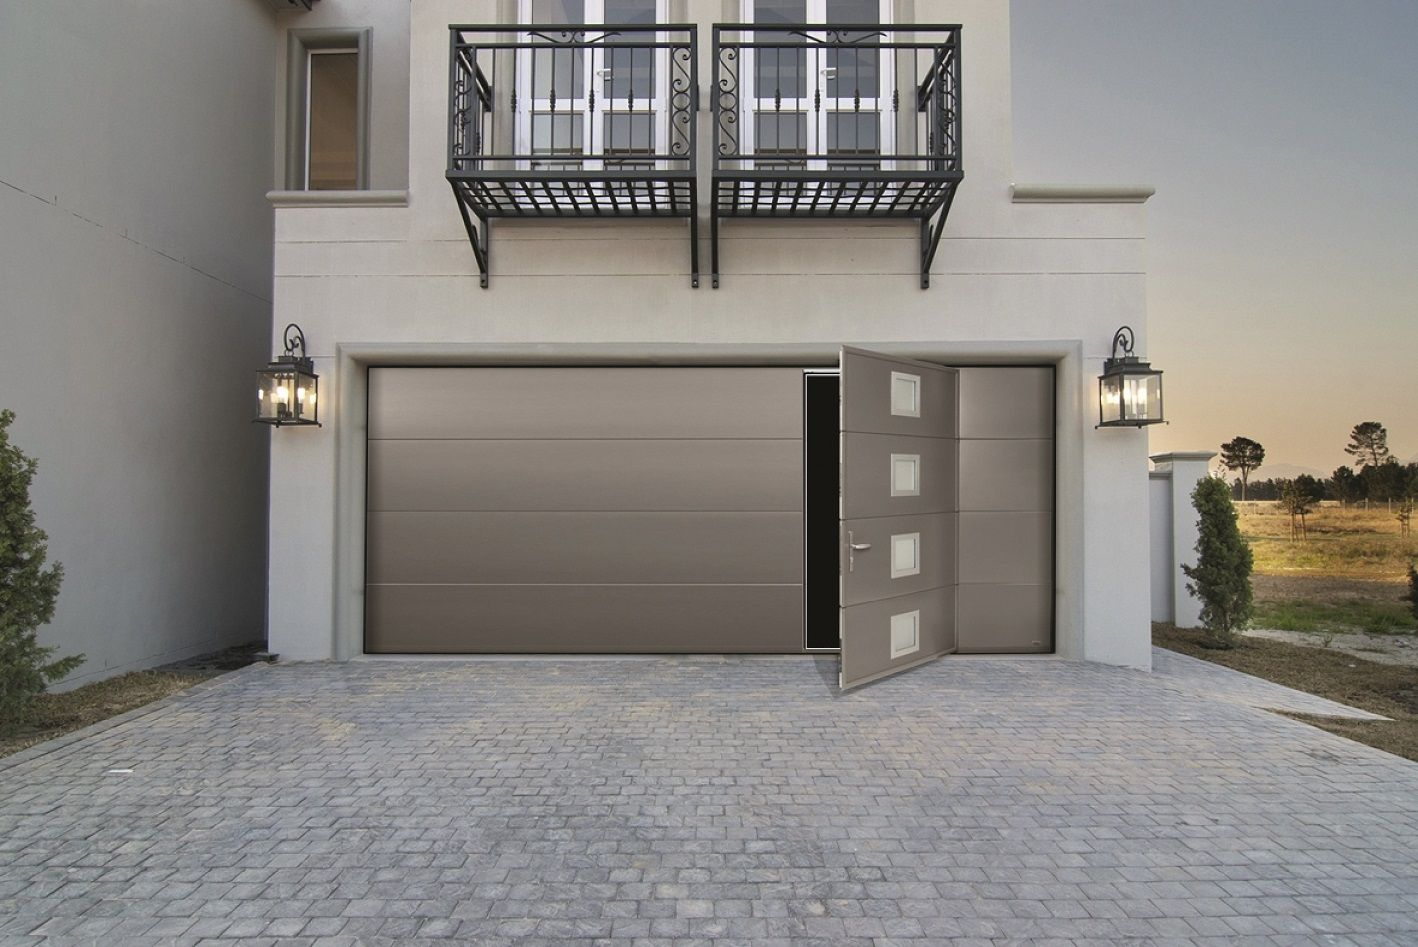 s curit et confort sont au rendez vous avec cette porte de garage sectionnelle ouverture. Black Bedroom Furniture Sets. Home Design Ideas